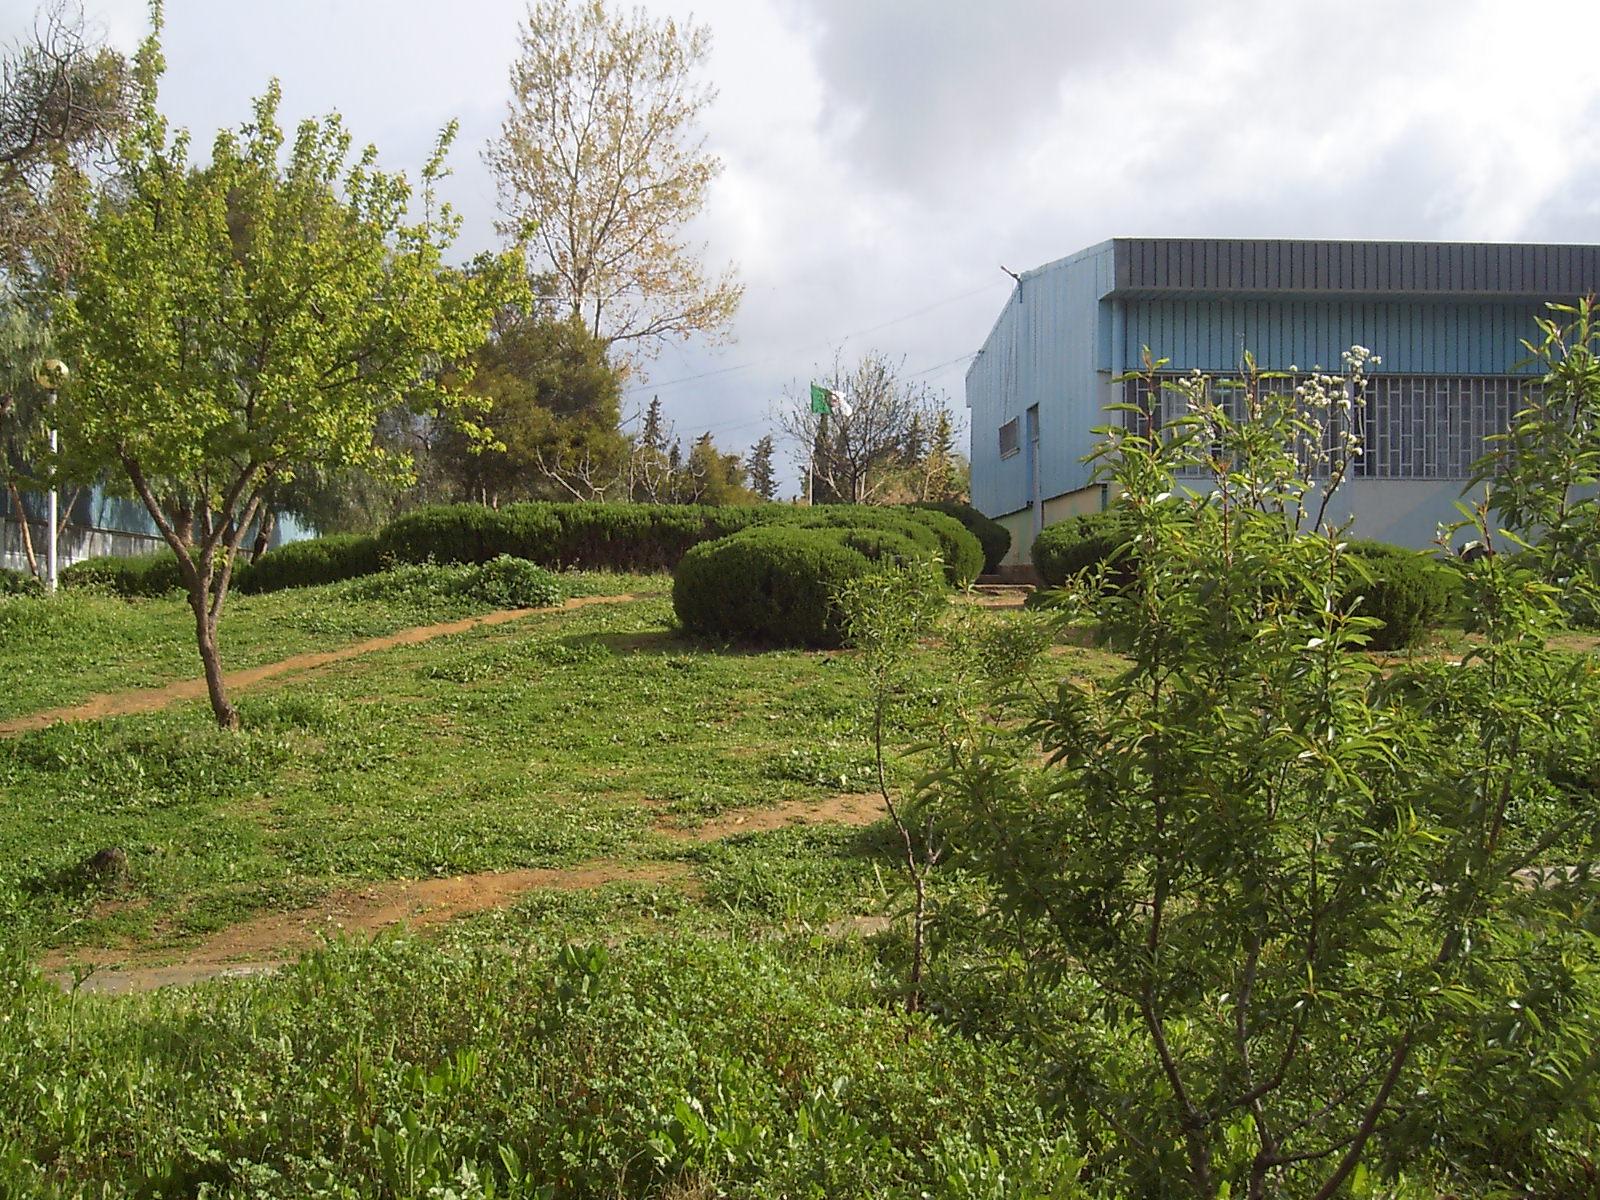 الحديقة الداخلية لمركز التكوين المهني ببلدية الغمارية